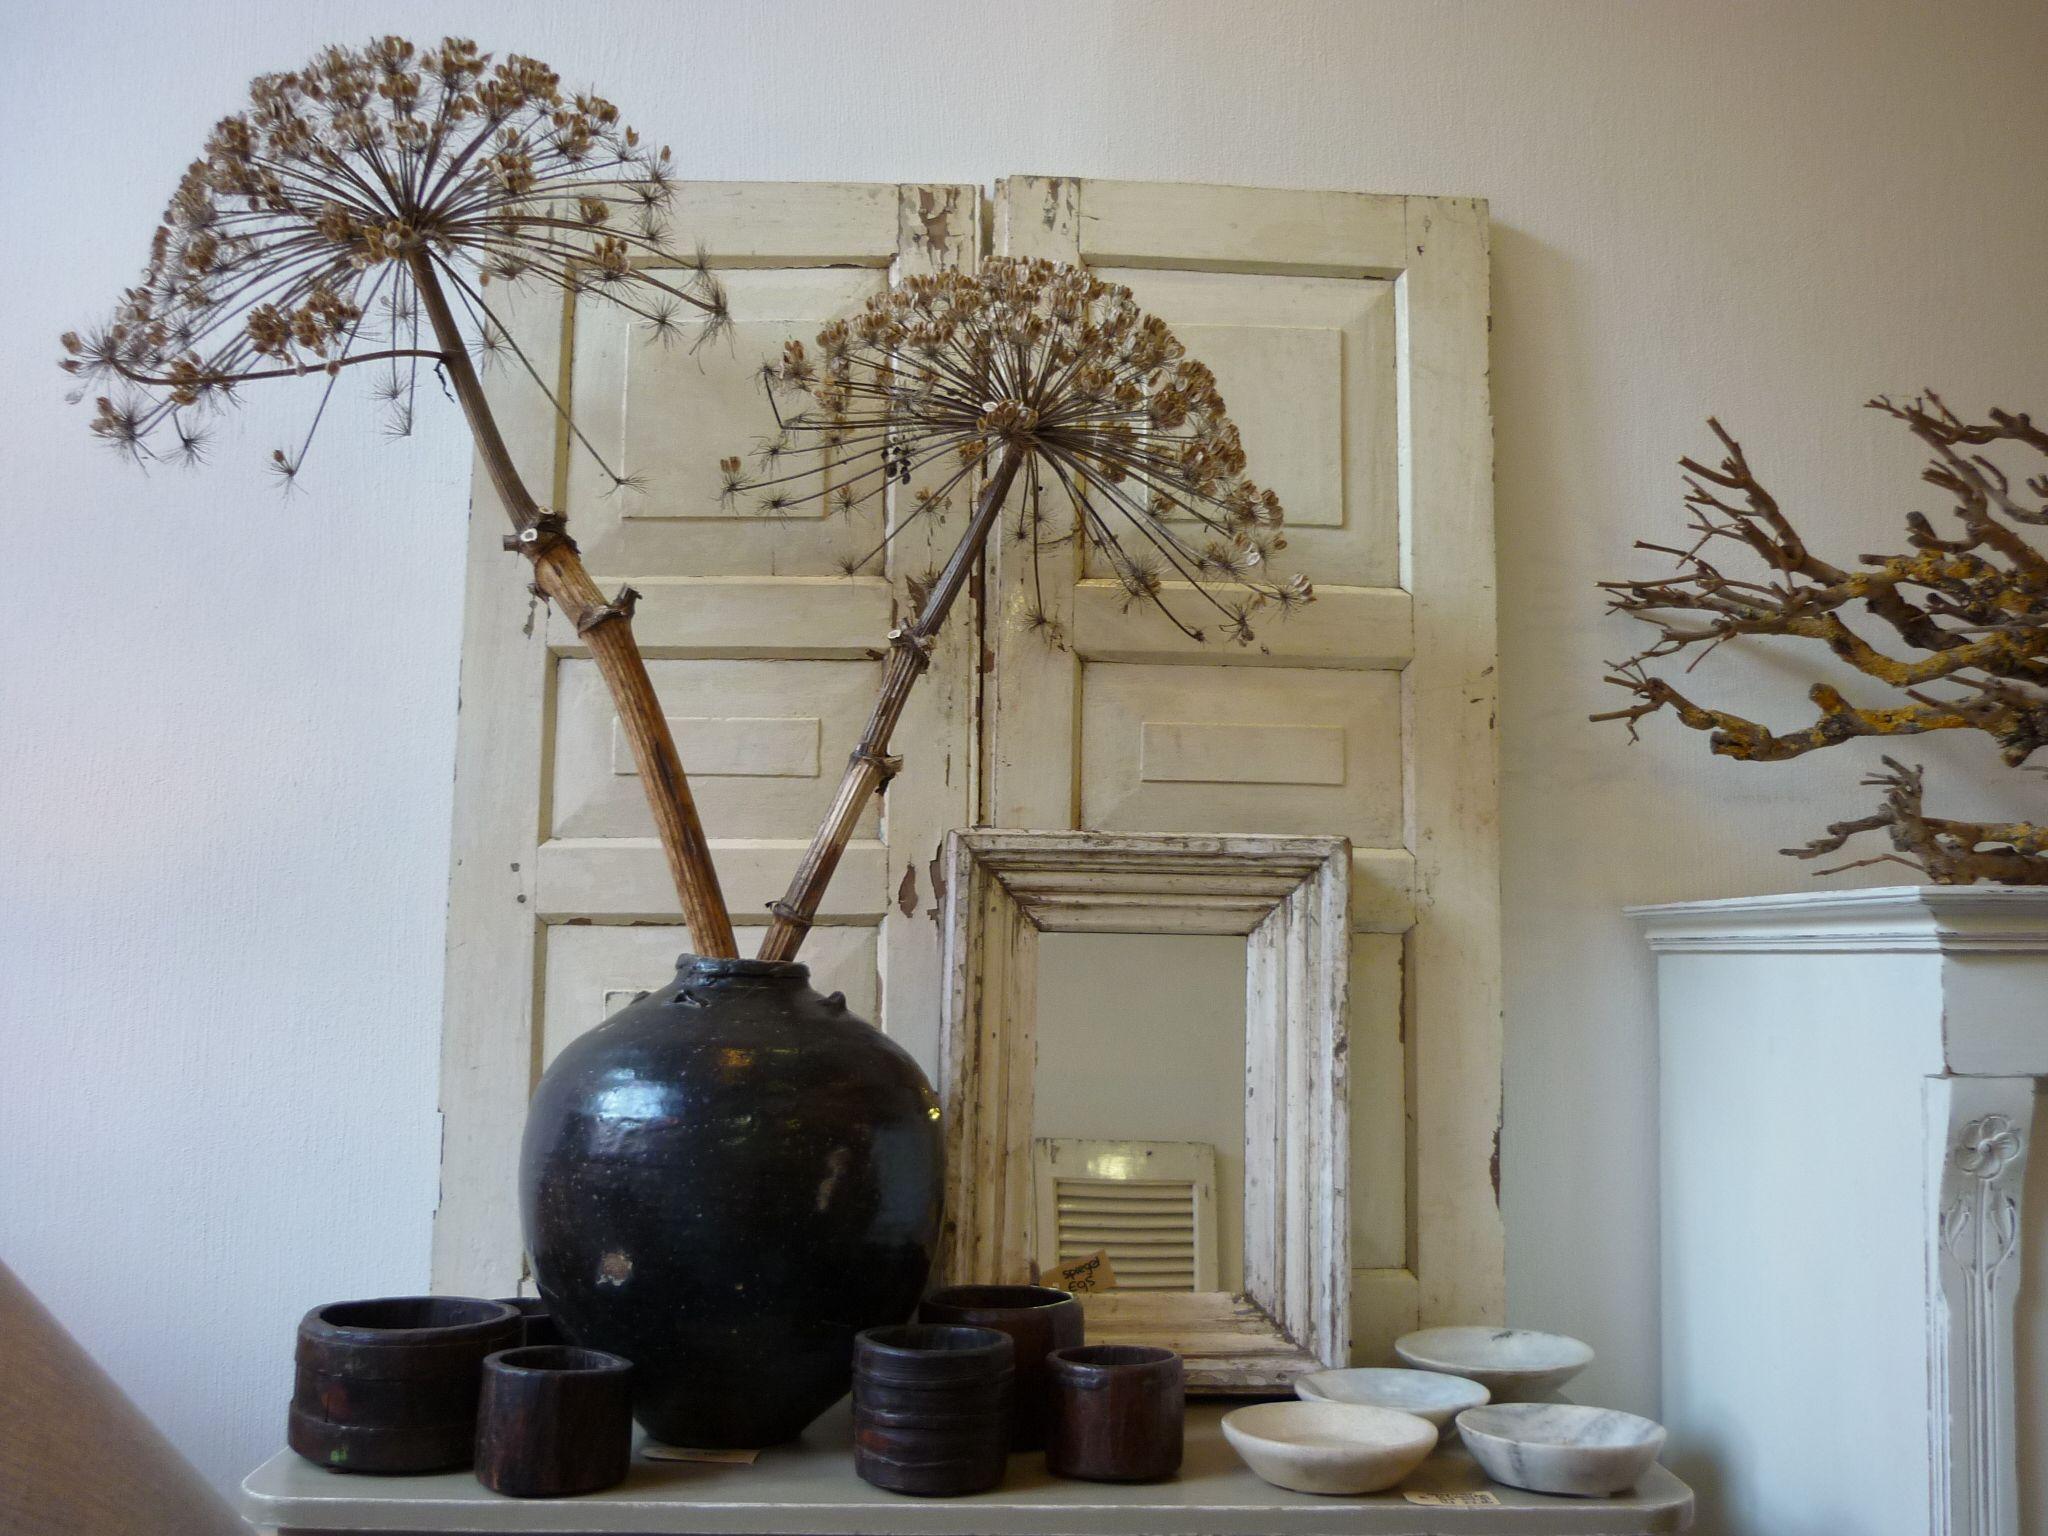 Interieur in creme en bruin; oude luiken, spiegel, pot en schaaltjes ...